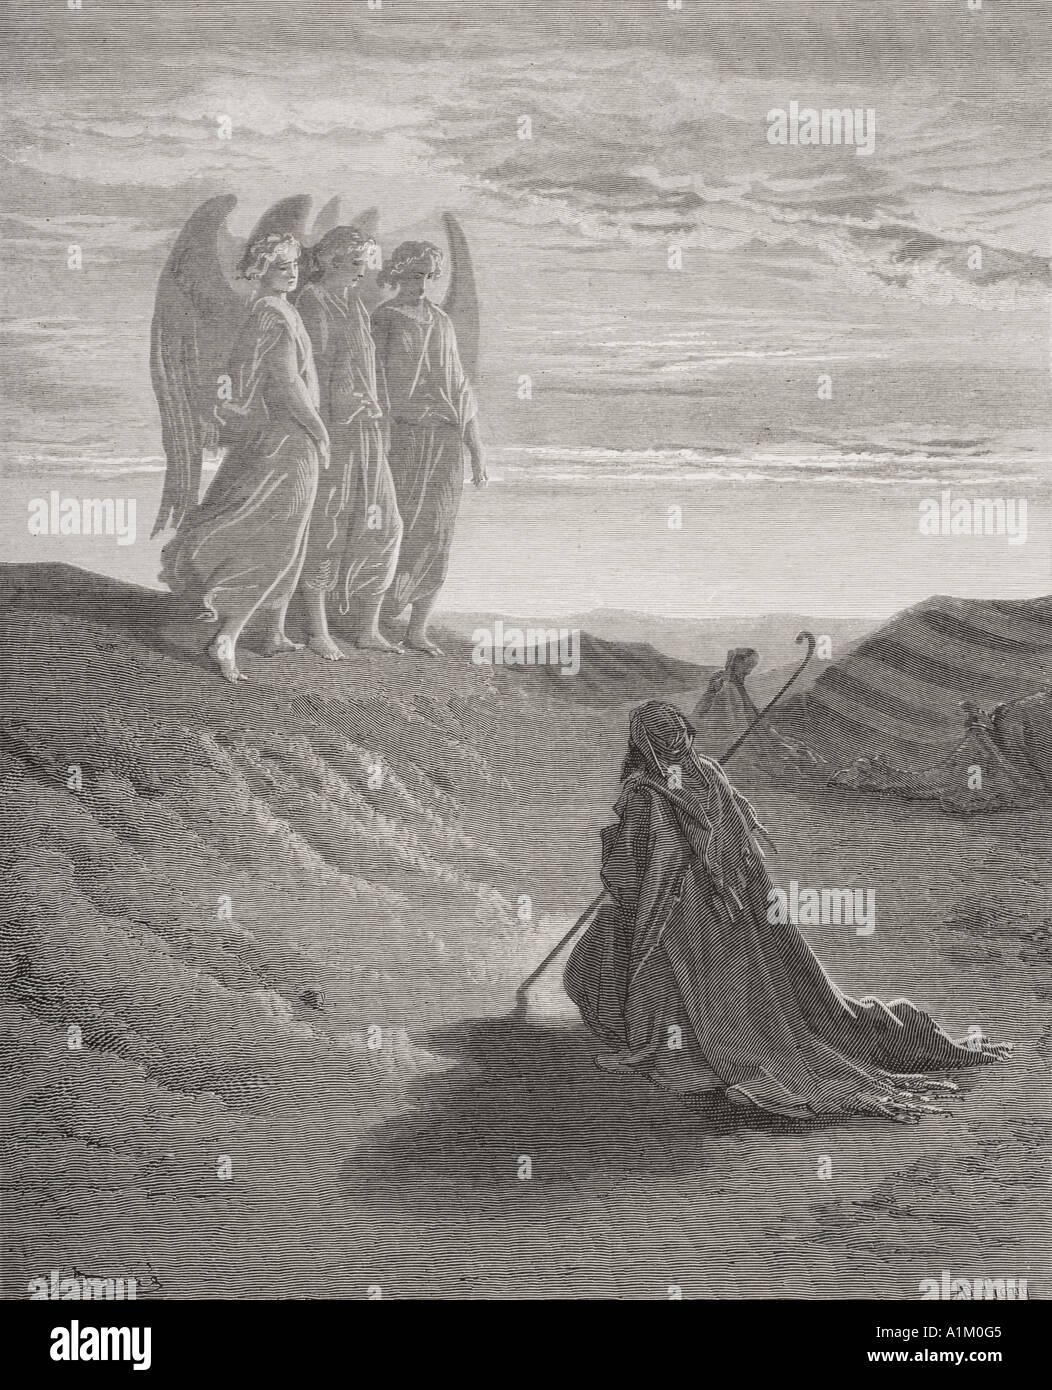 Gravure de la Dore Bible illustrant la genèse xviii 1 à 8. Abraham et les trois anges par Gustave Dore Banque D'Images